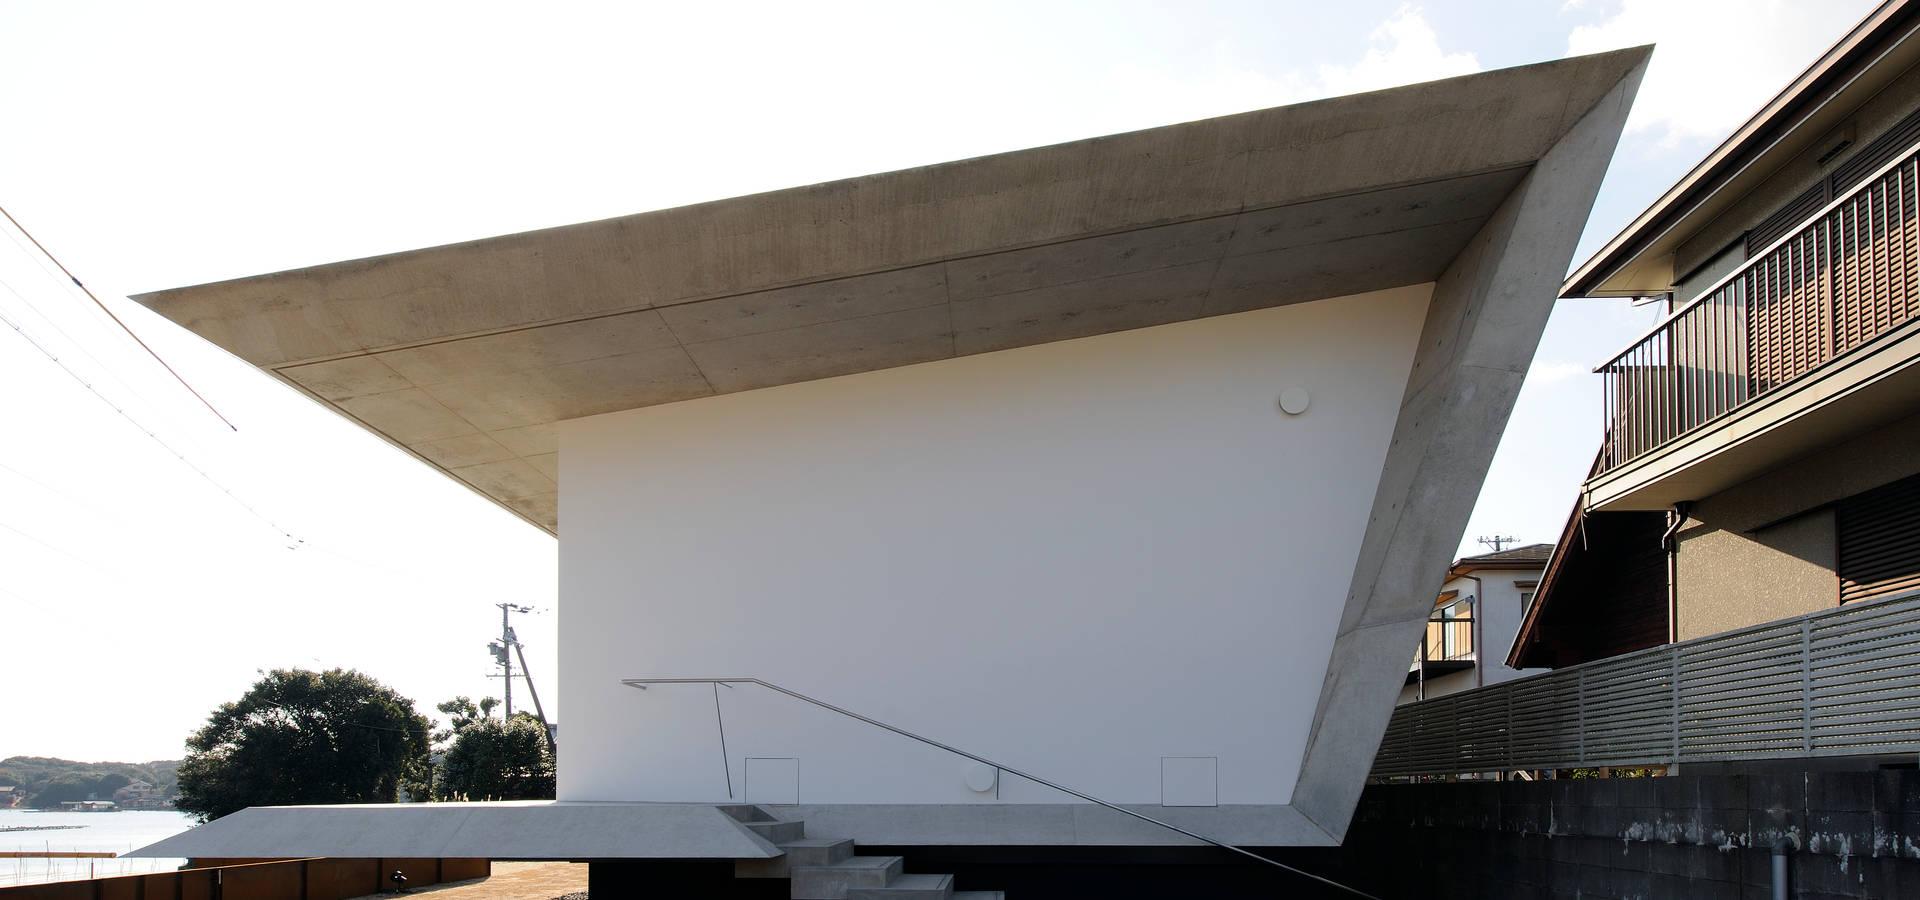 山森隆司建築設計事務所 / Yamamori Architect & Associates